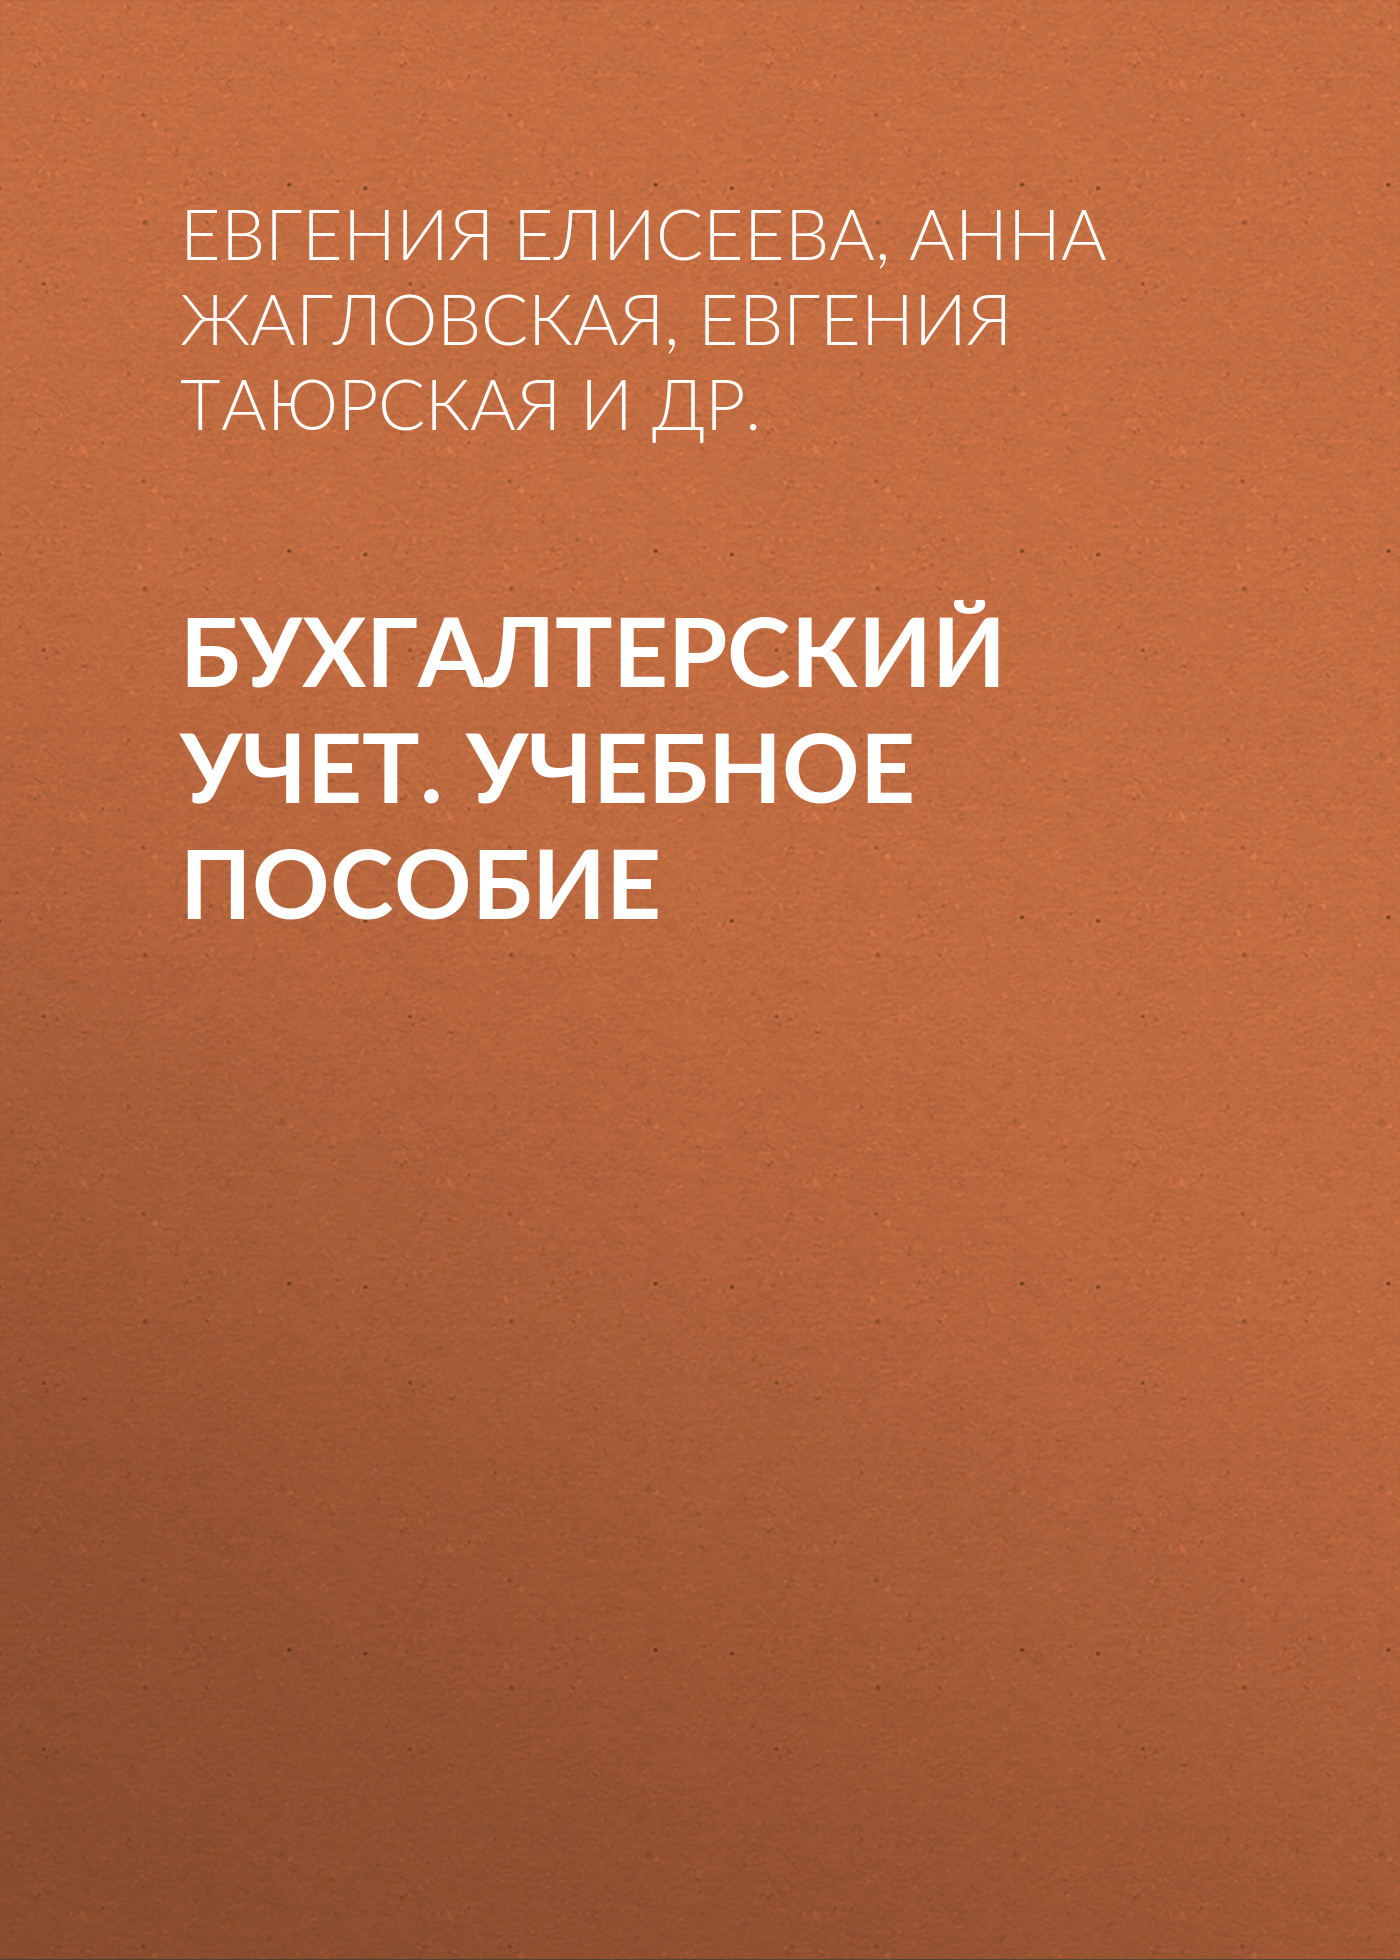 Евгения Елисеева. Бухгалтерский учет. Учебное пособие